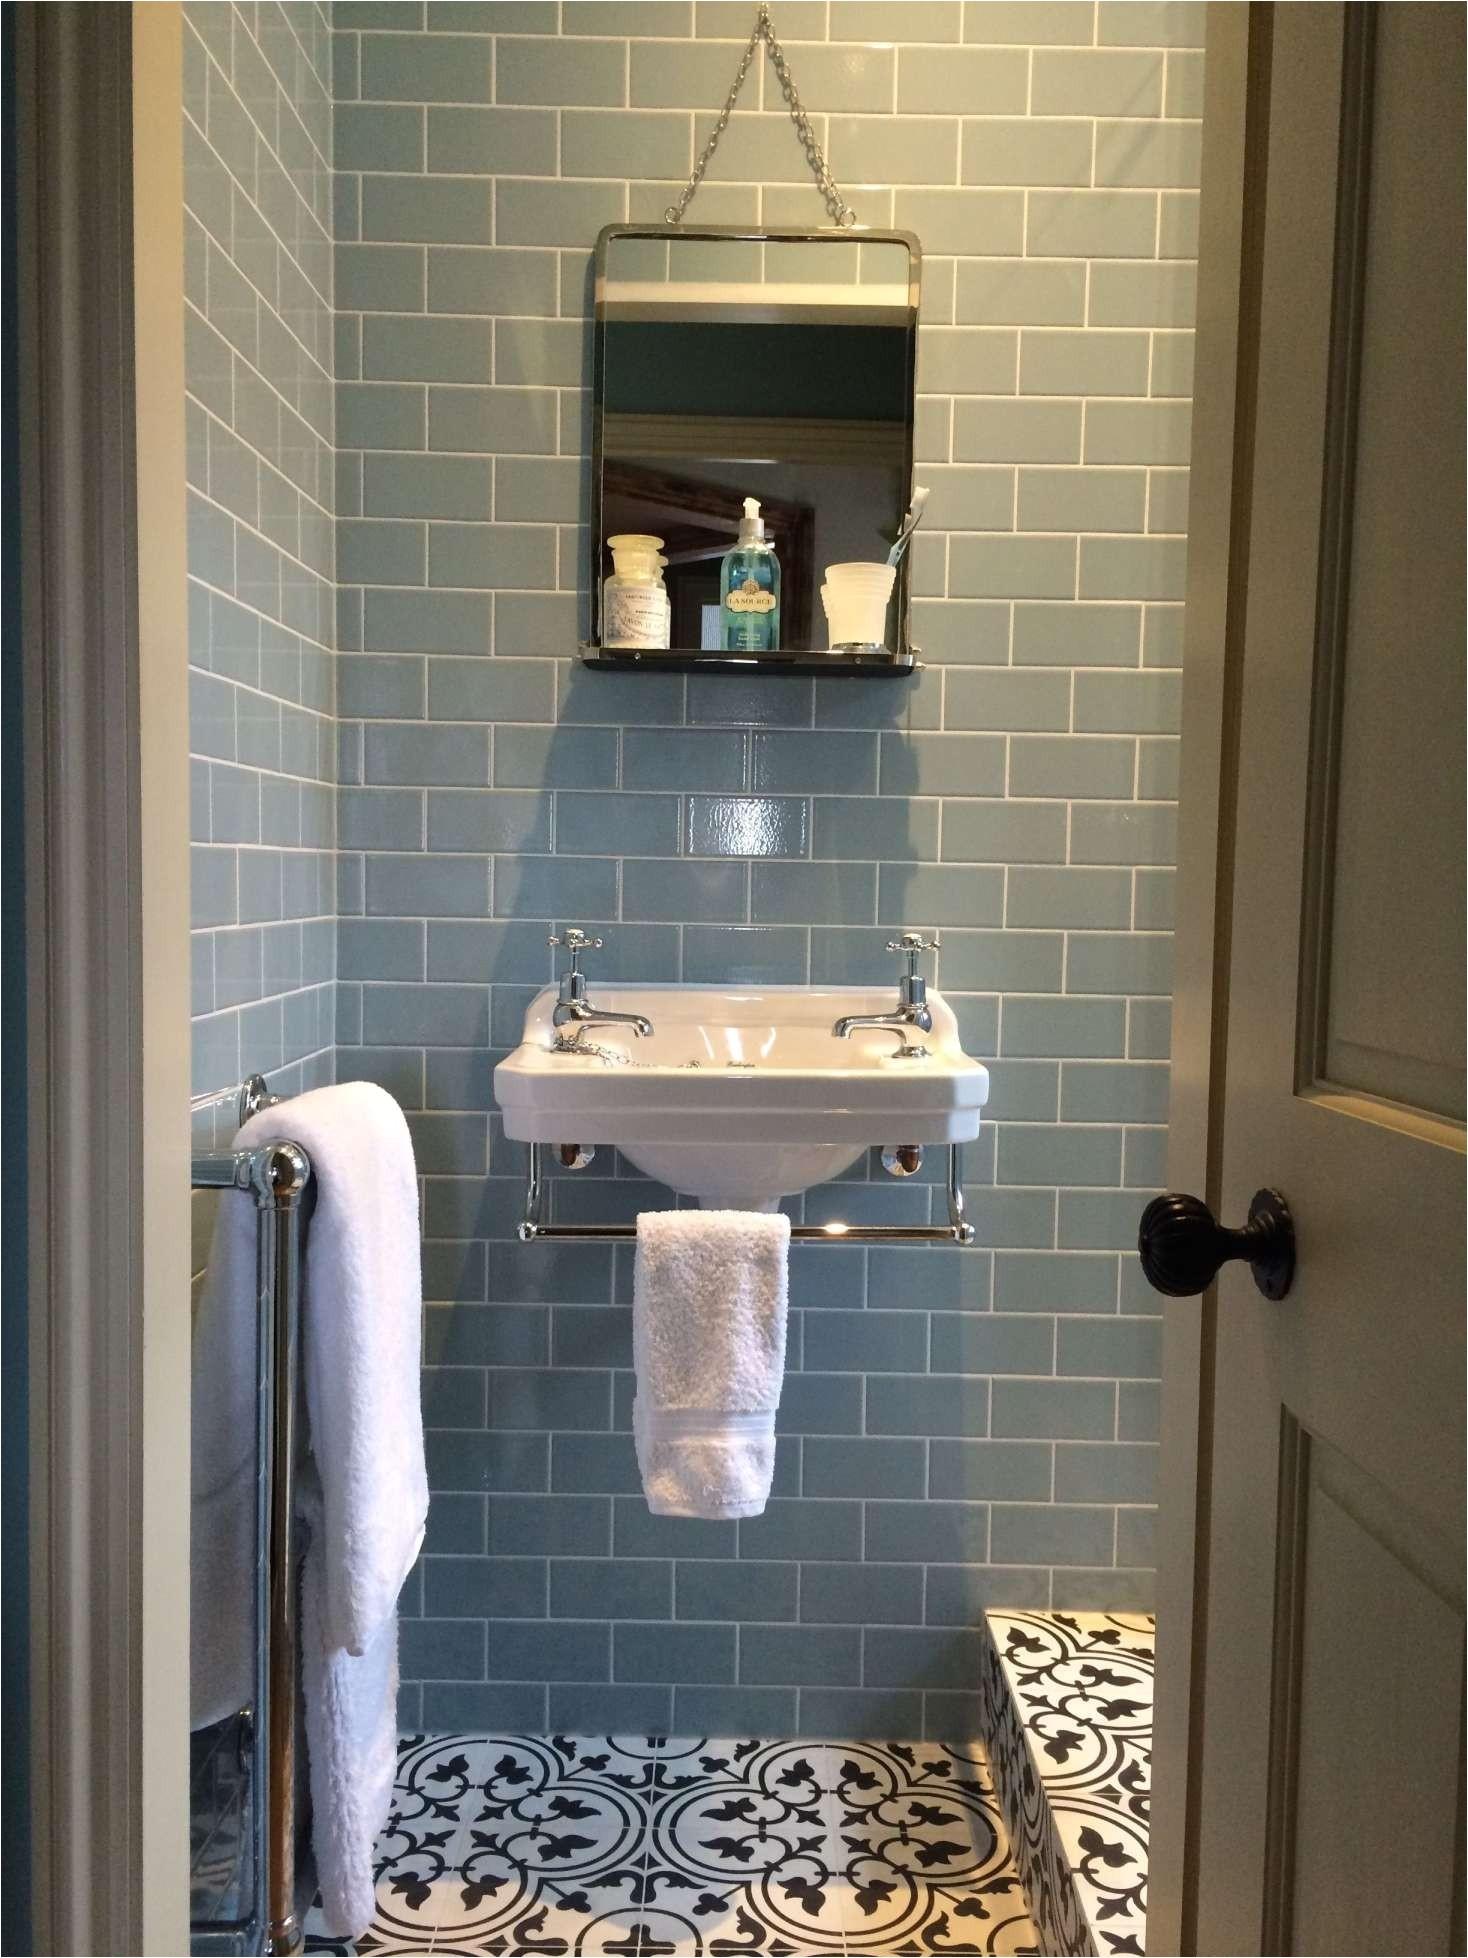 Bathroom Wall Tiles Design Best Bathroom Floor Tile Design Ideas New Floor Tiles Mosaic Bathroom 0d